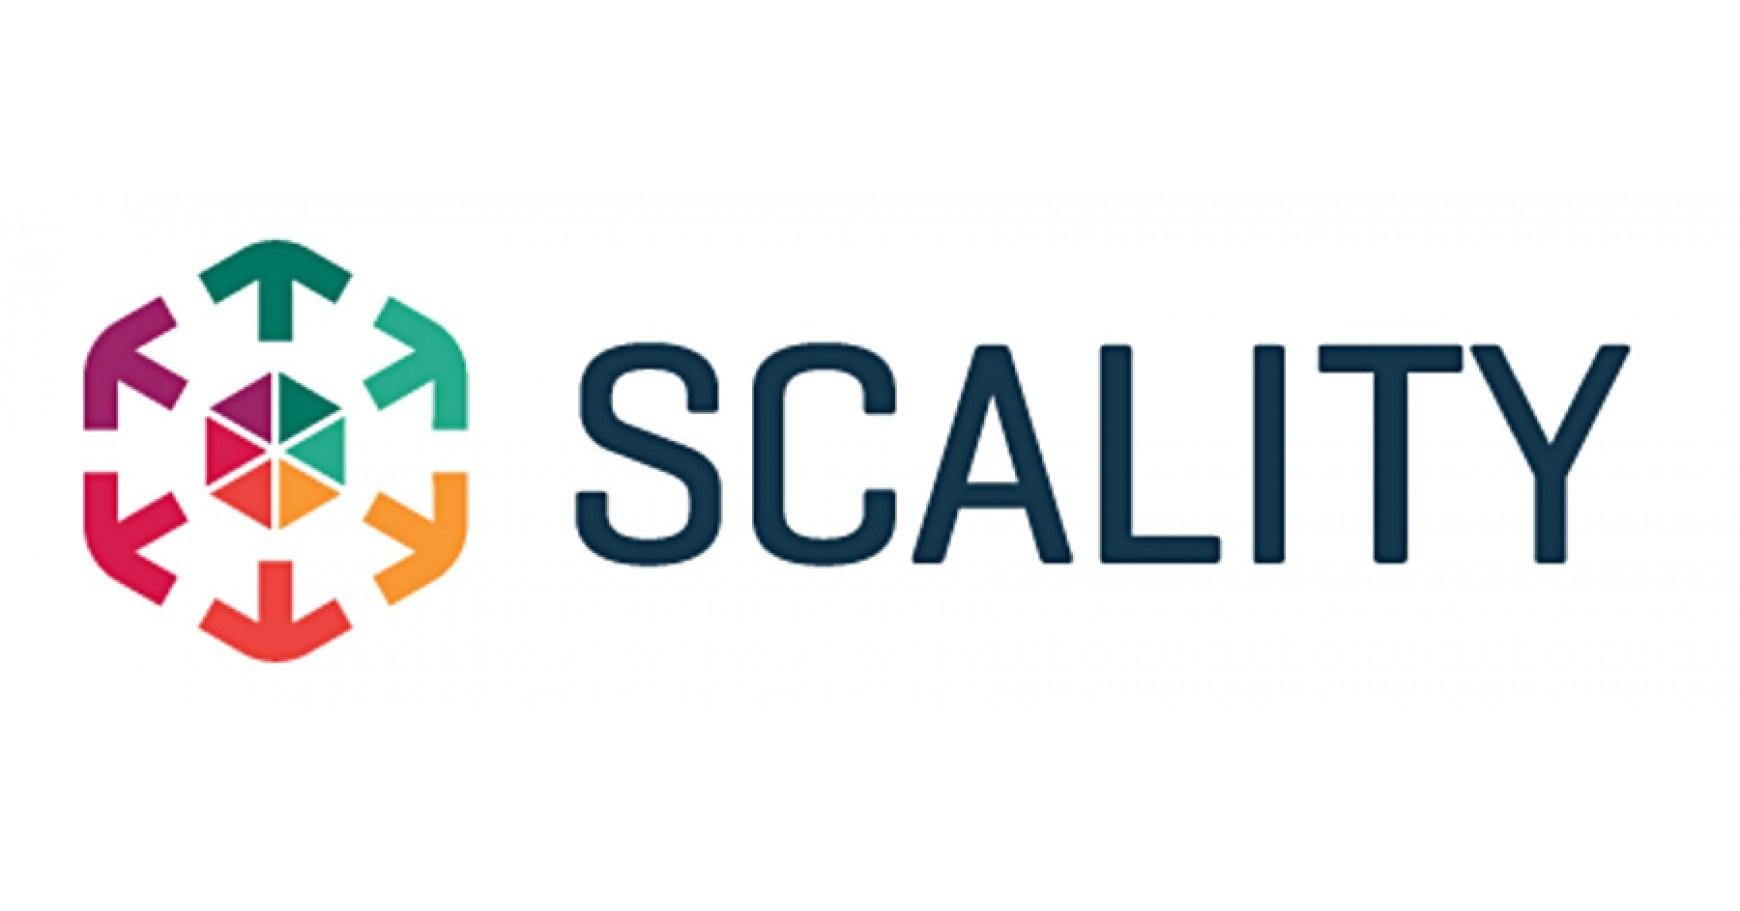 Scality liefert umfangreiches Portfolio für Splunk SmartStore-Bereitstellungen